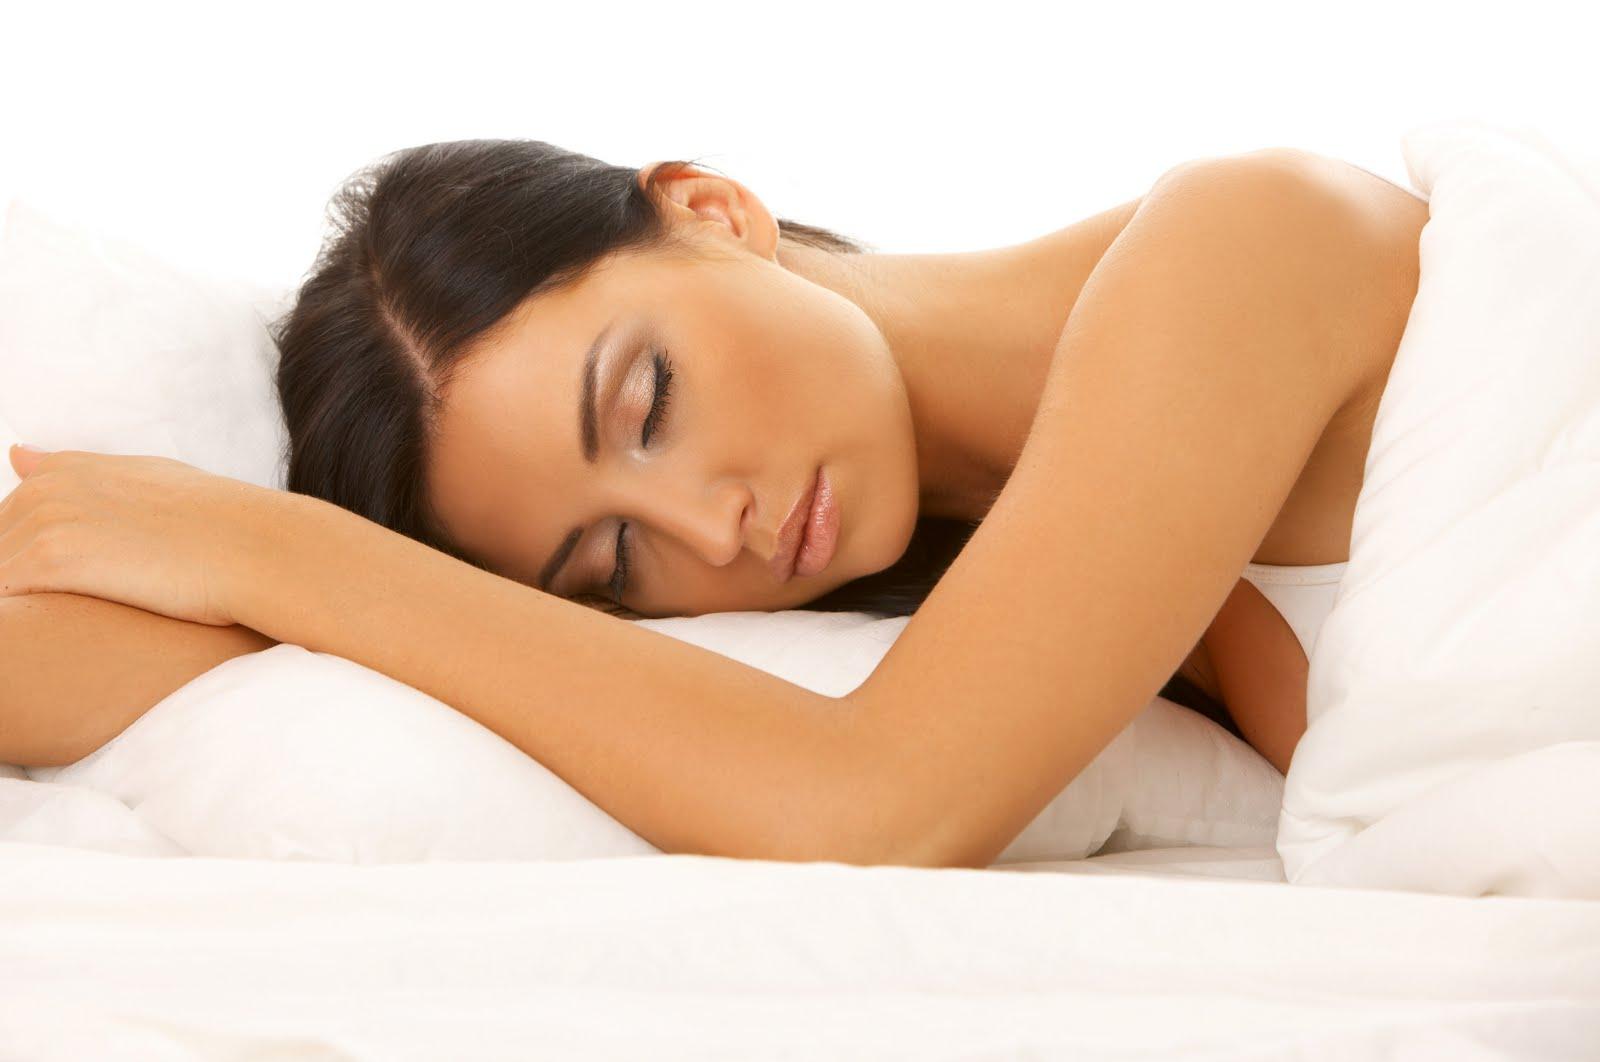 Mujer dormida, dormir, mujer, descanzando